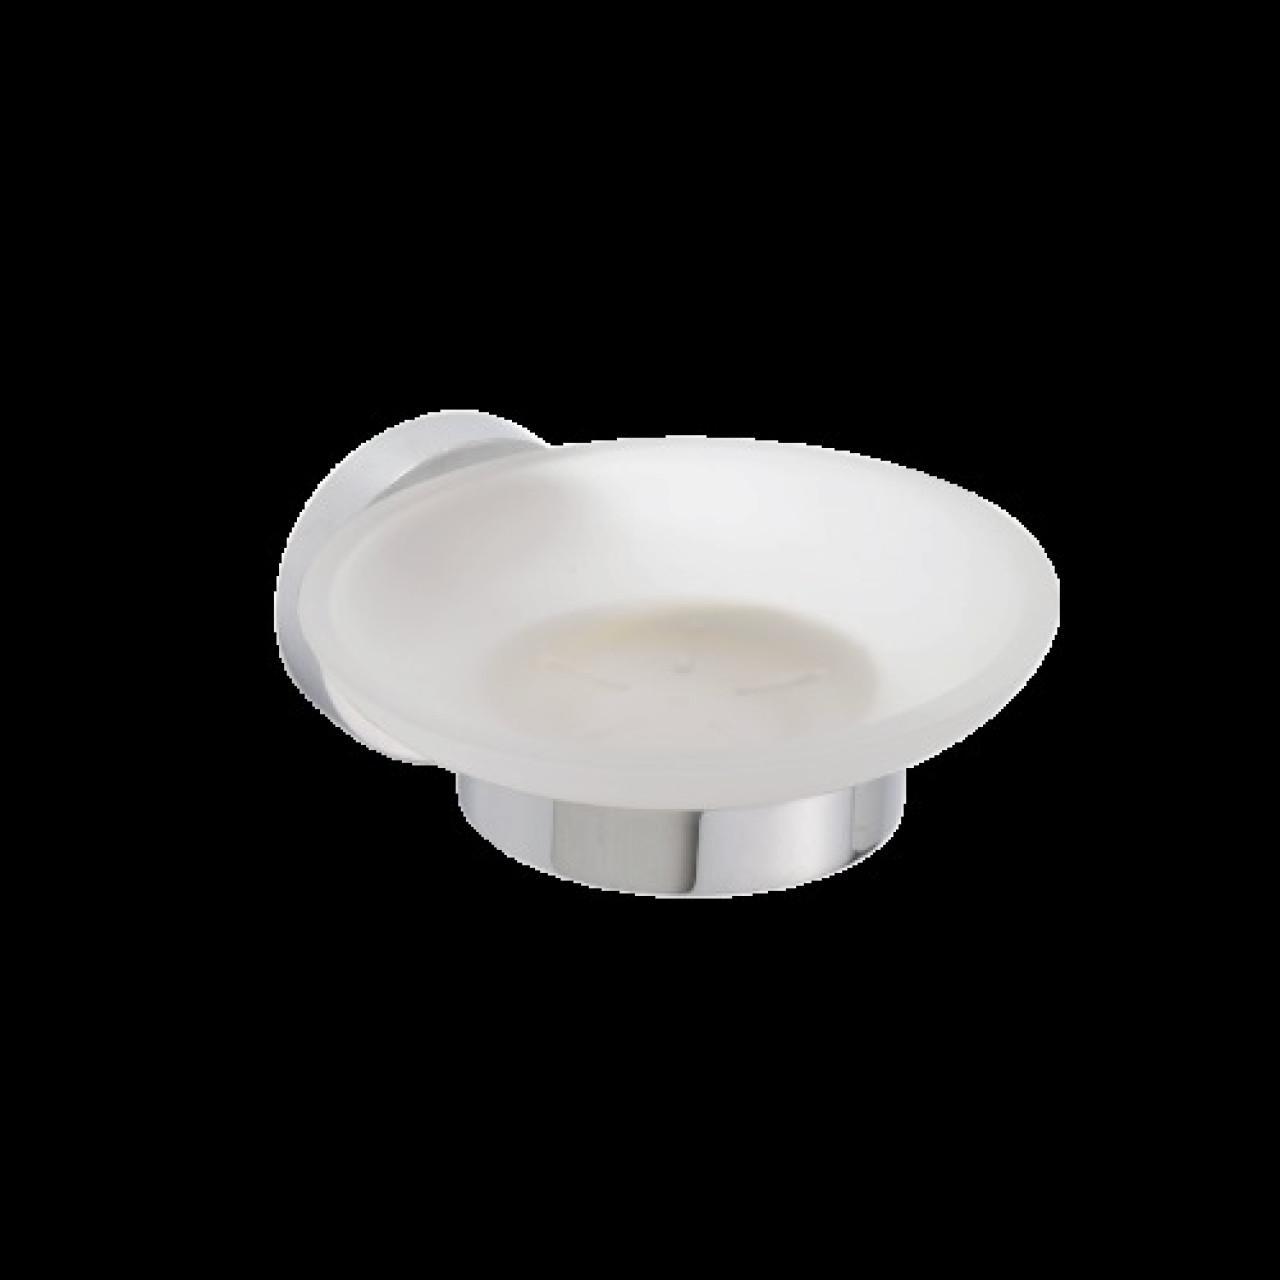 Мыльница стеклянная BEMETA OMEGA 104108042 110 мм купить в Москве по цене от 1089р. в интернет-магазине mebel-v-vannu.ru